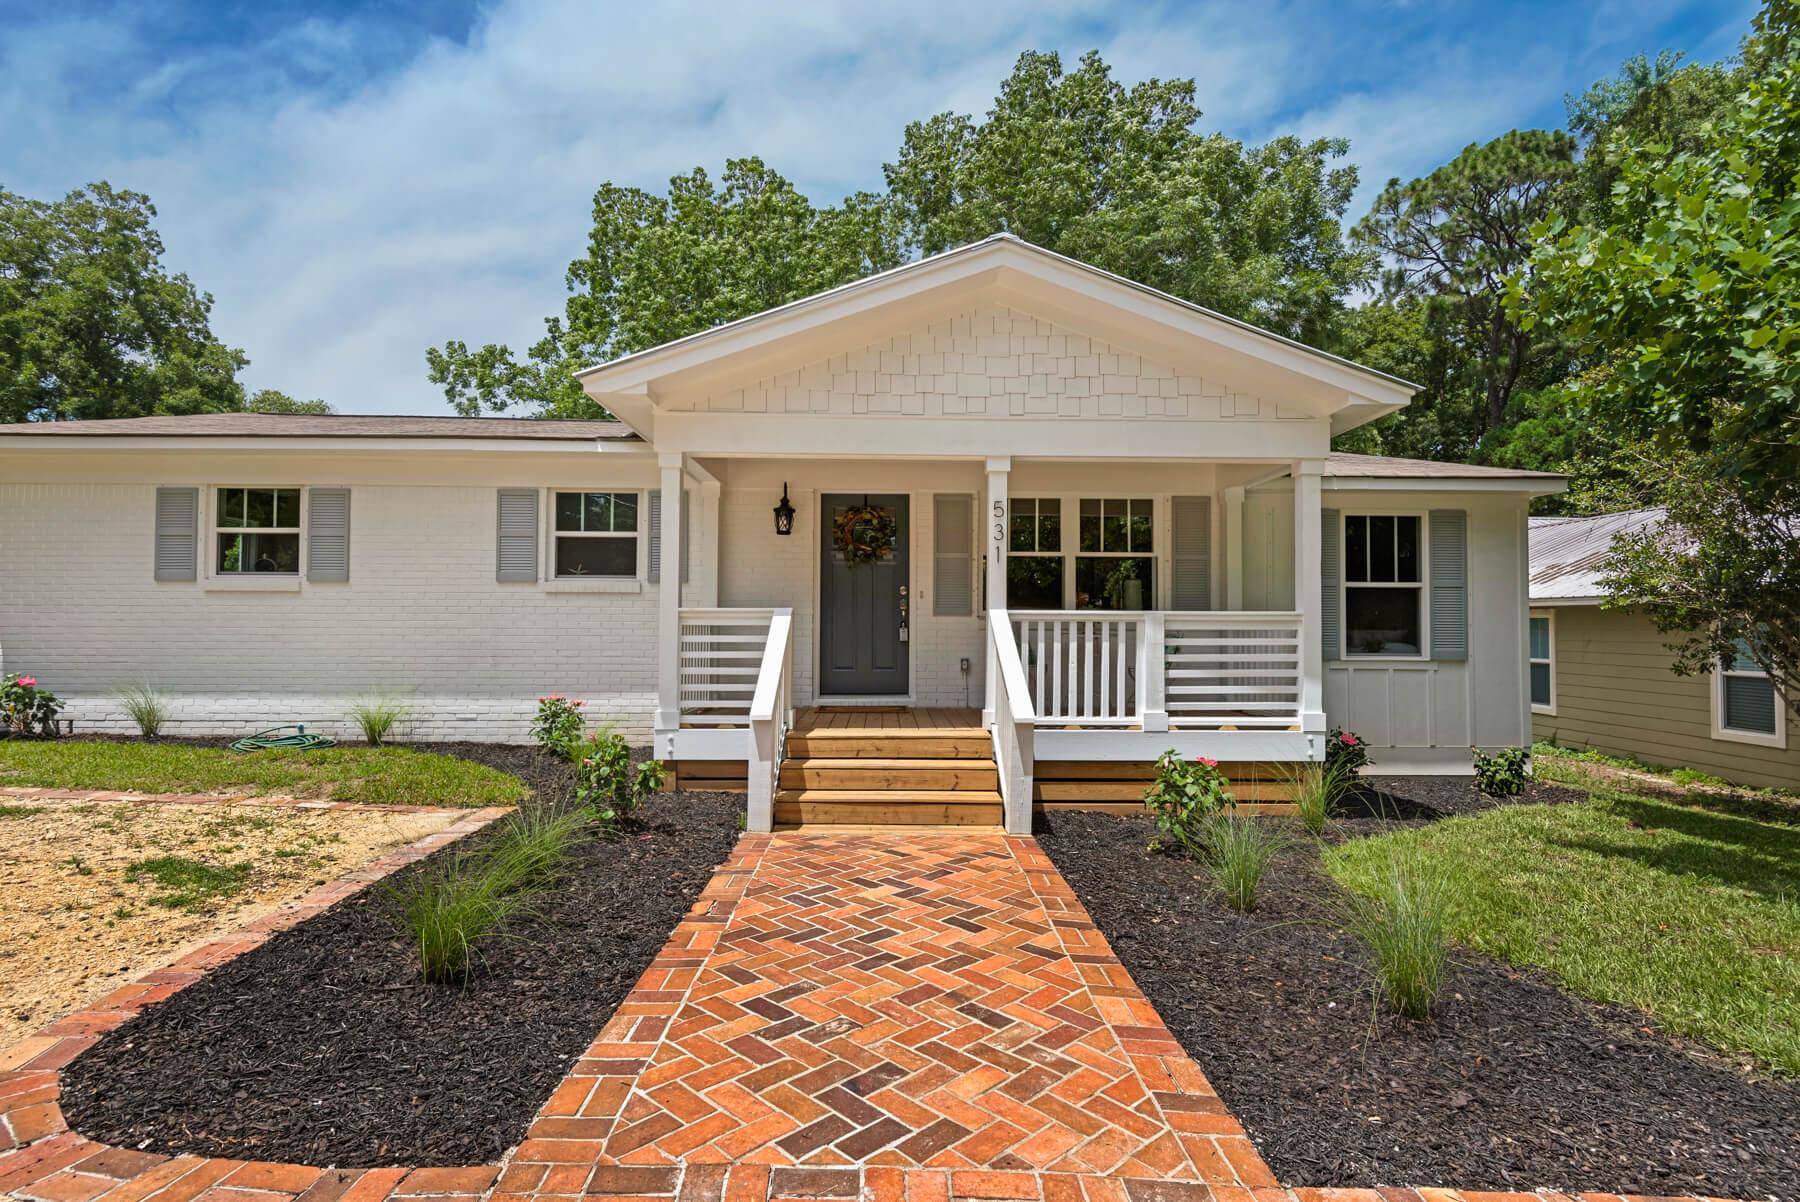 531gayfer.com movetobaldwincounty.com Urban Property 329